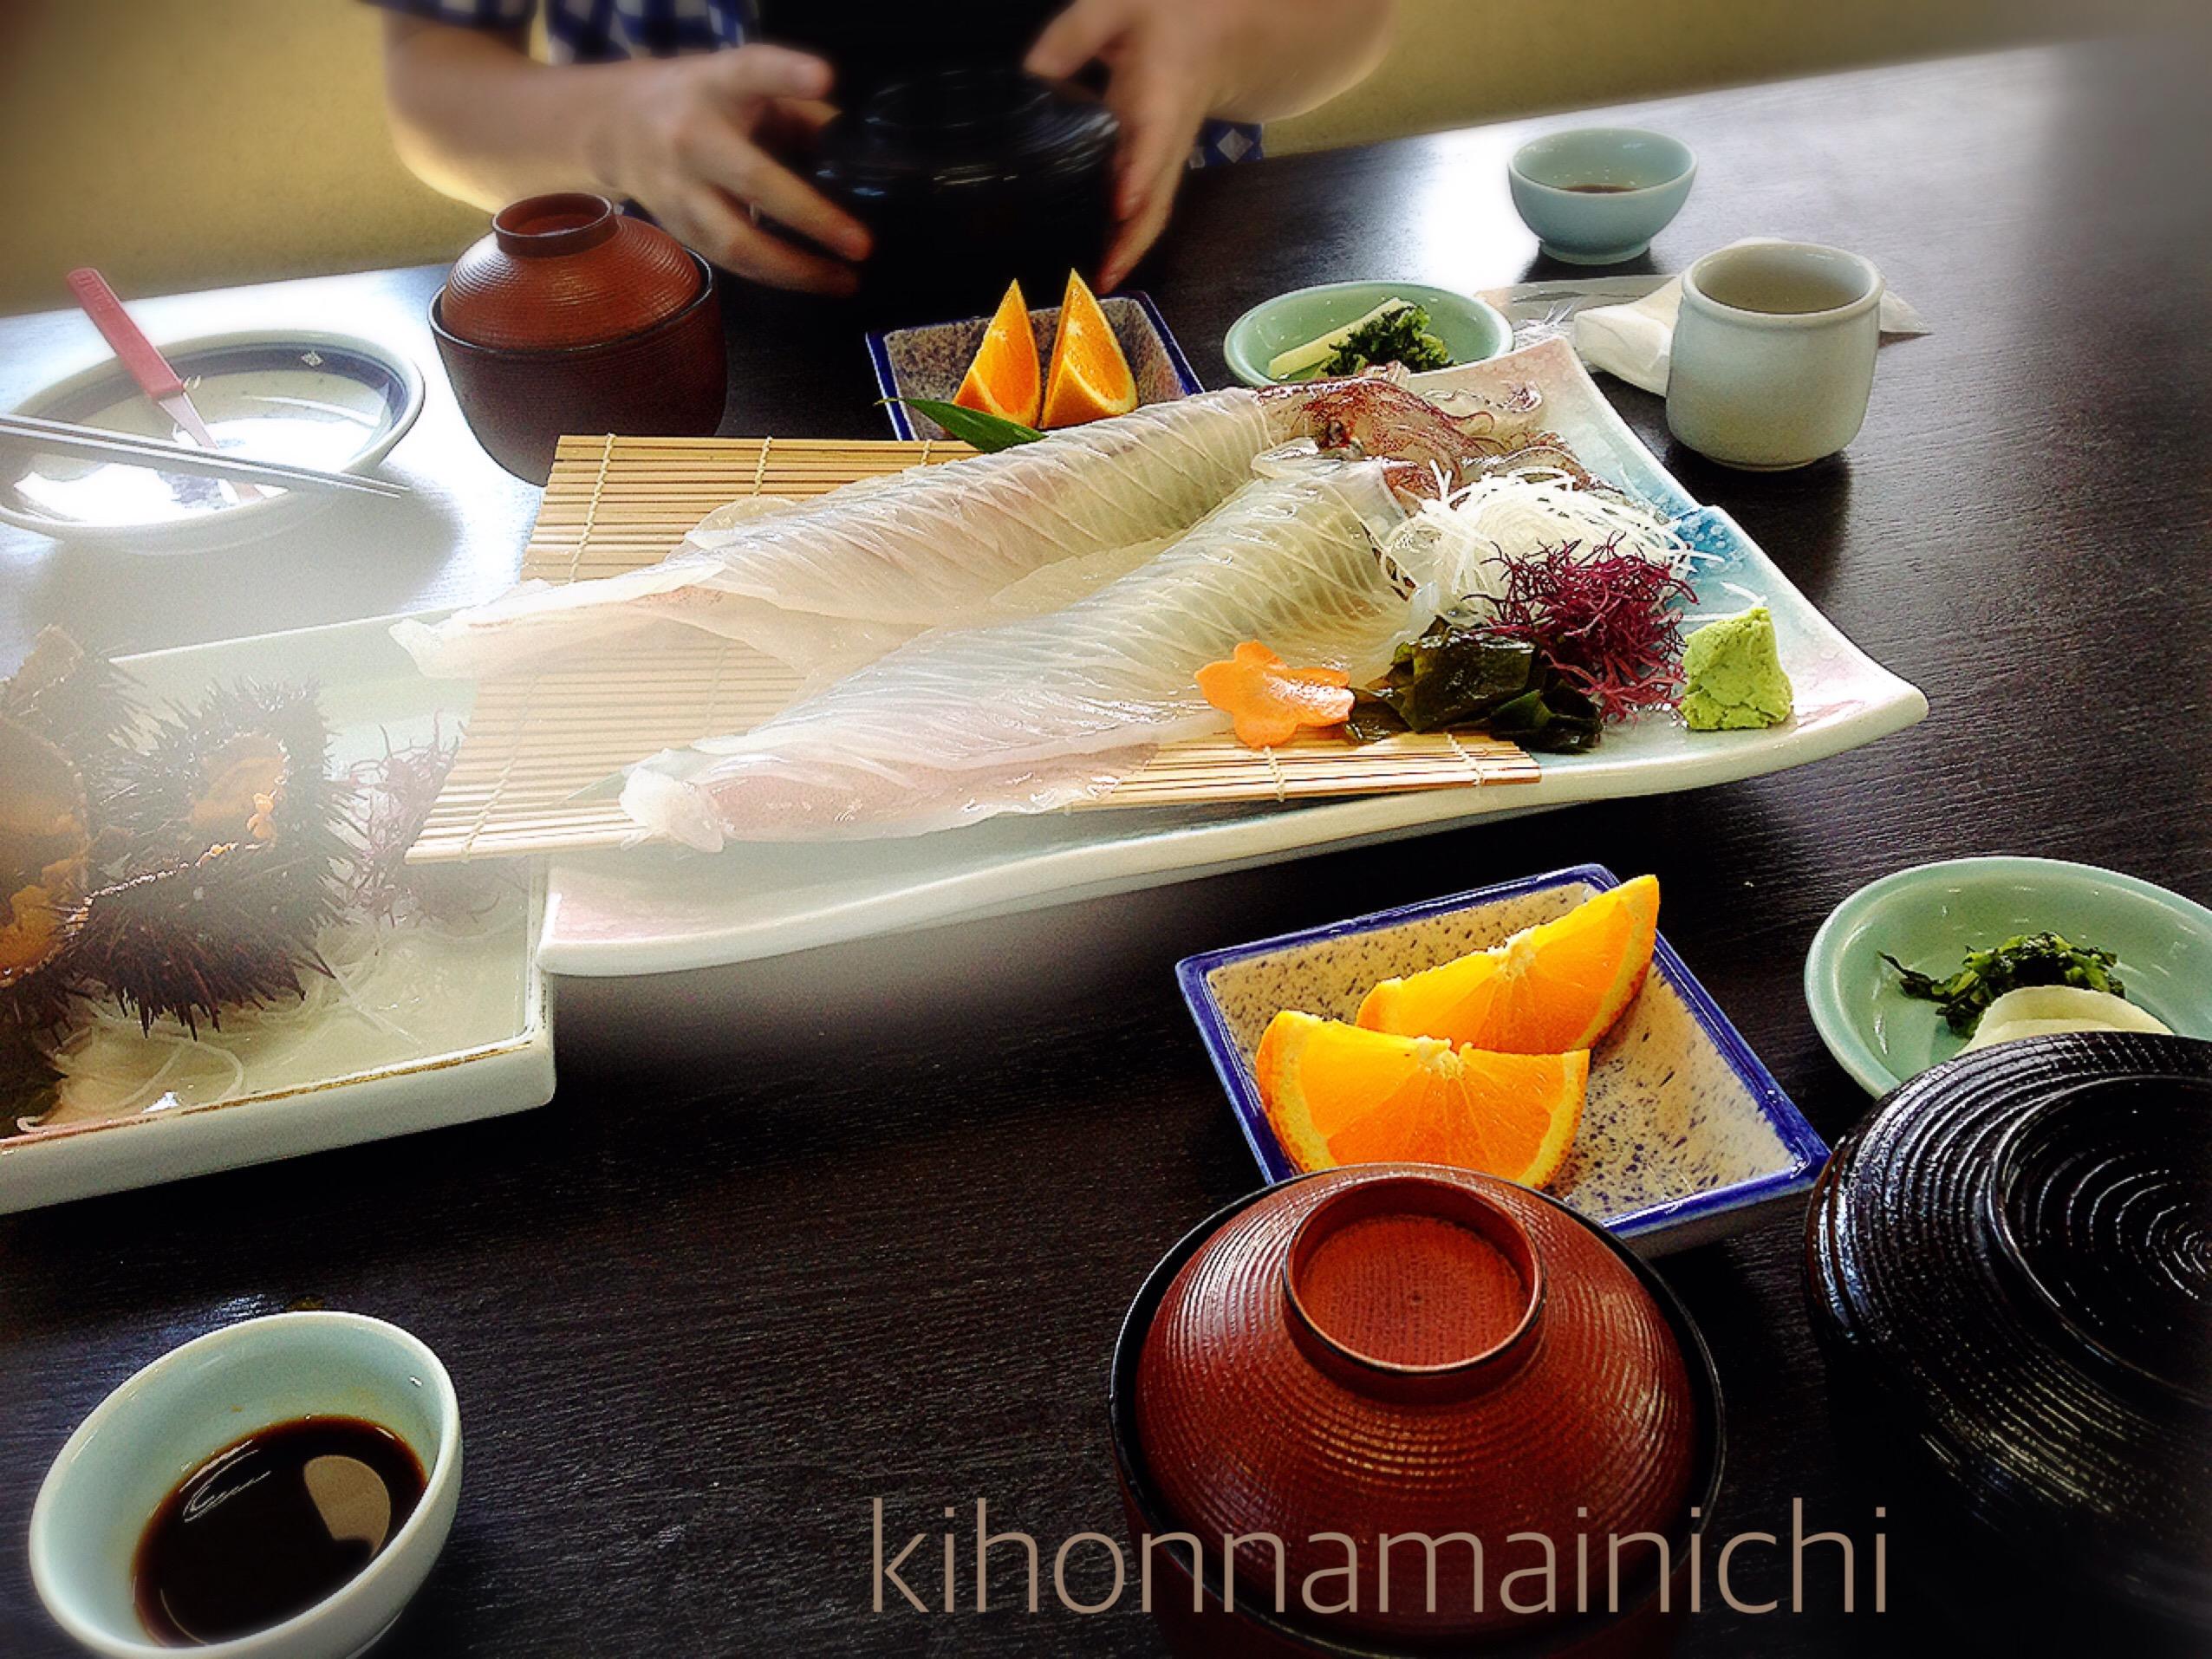 【活魚料理 かべしま】呼子のイカを食べるなら海もみながらごちそうになりたい。夏のドライブデートは海とイカ!